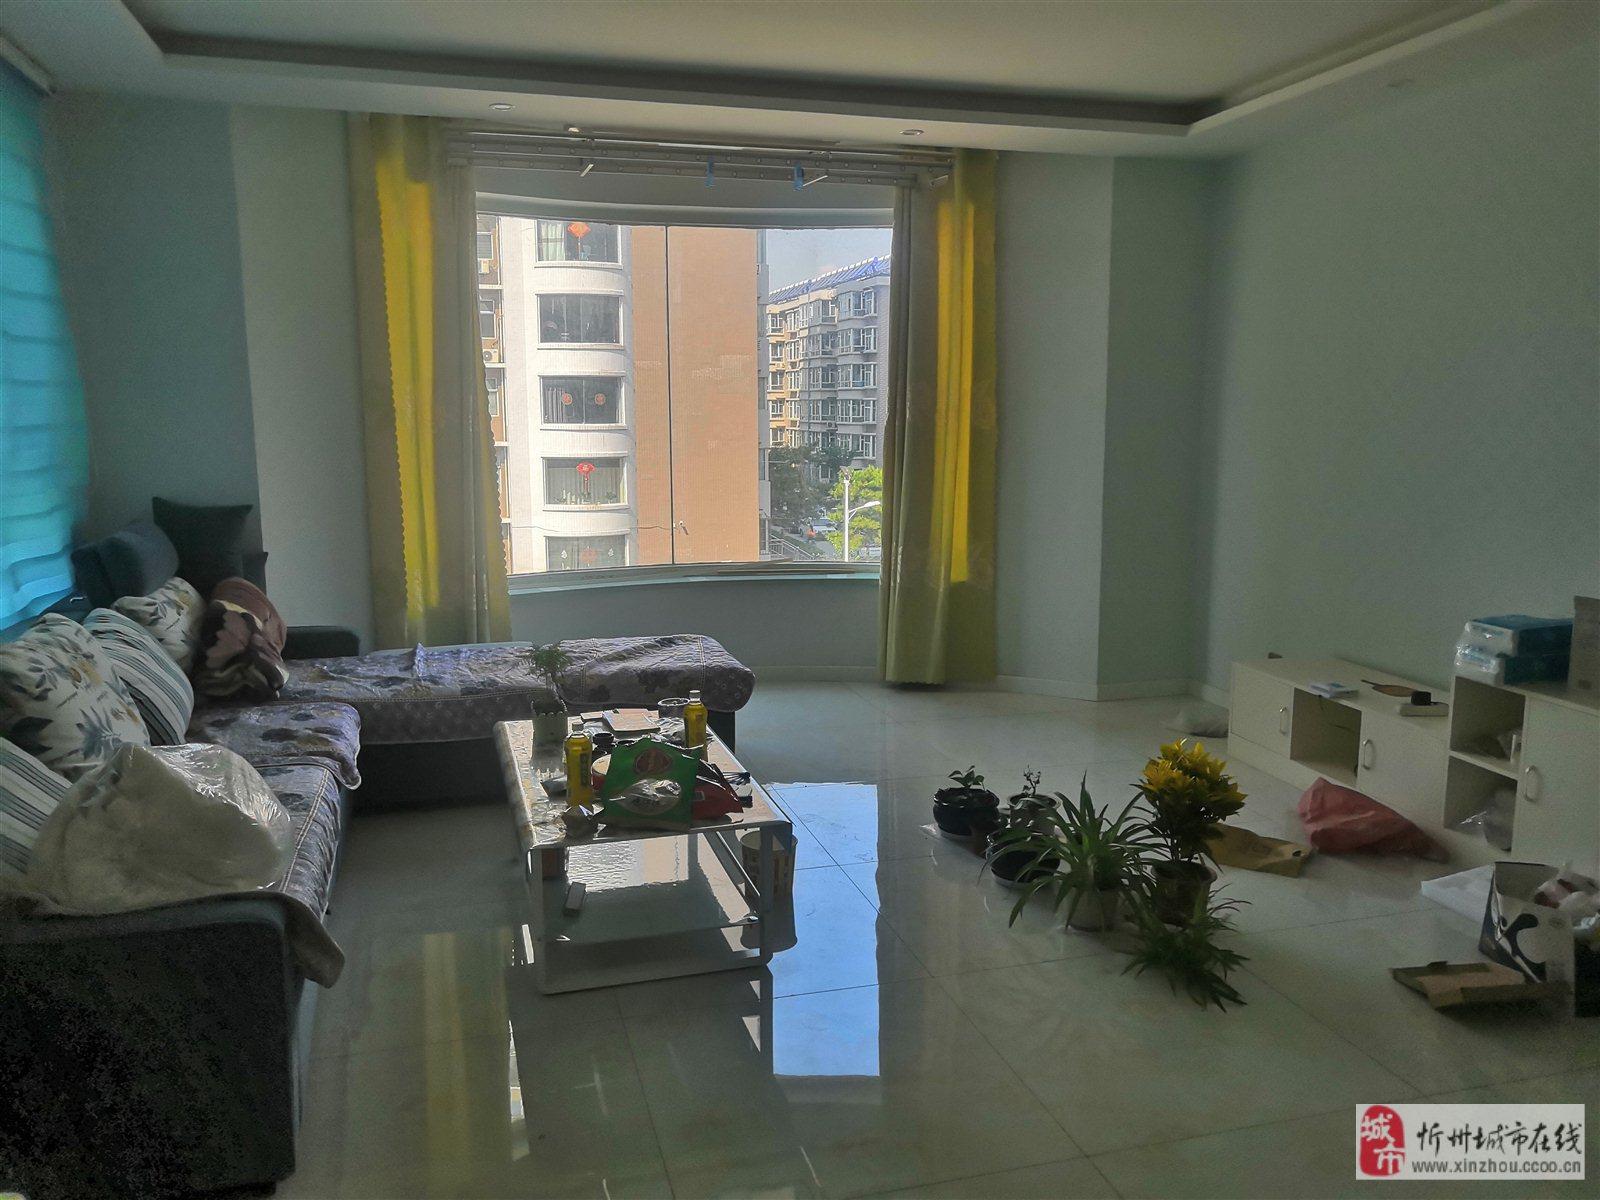 君华苑2室 2厅 1卫57万元